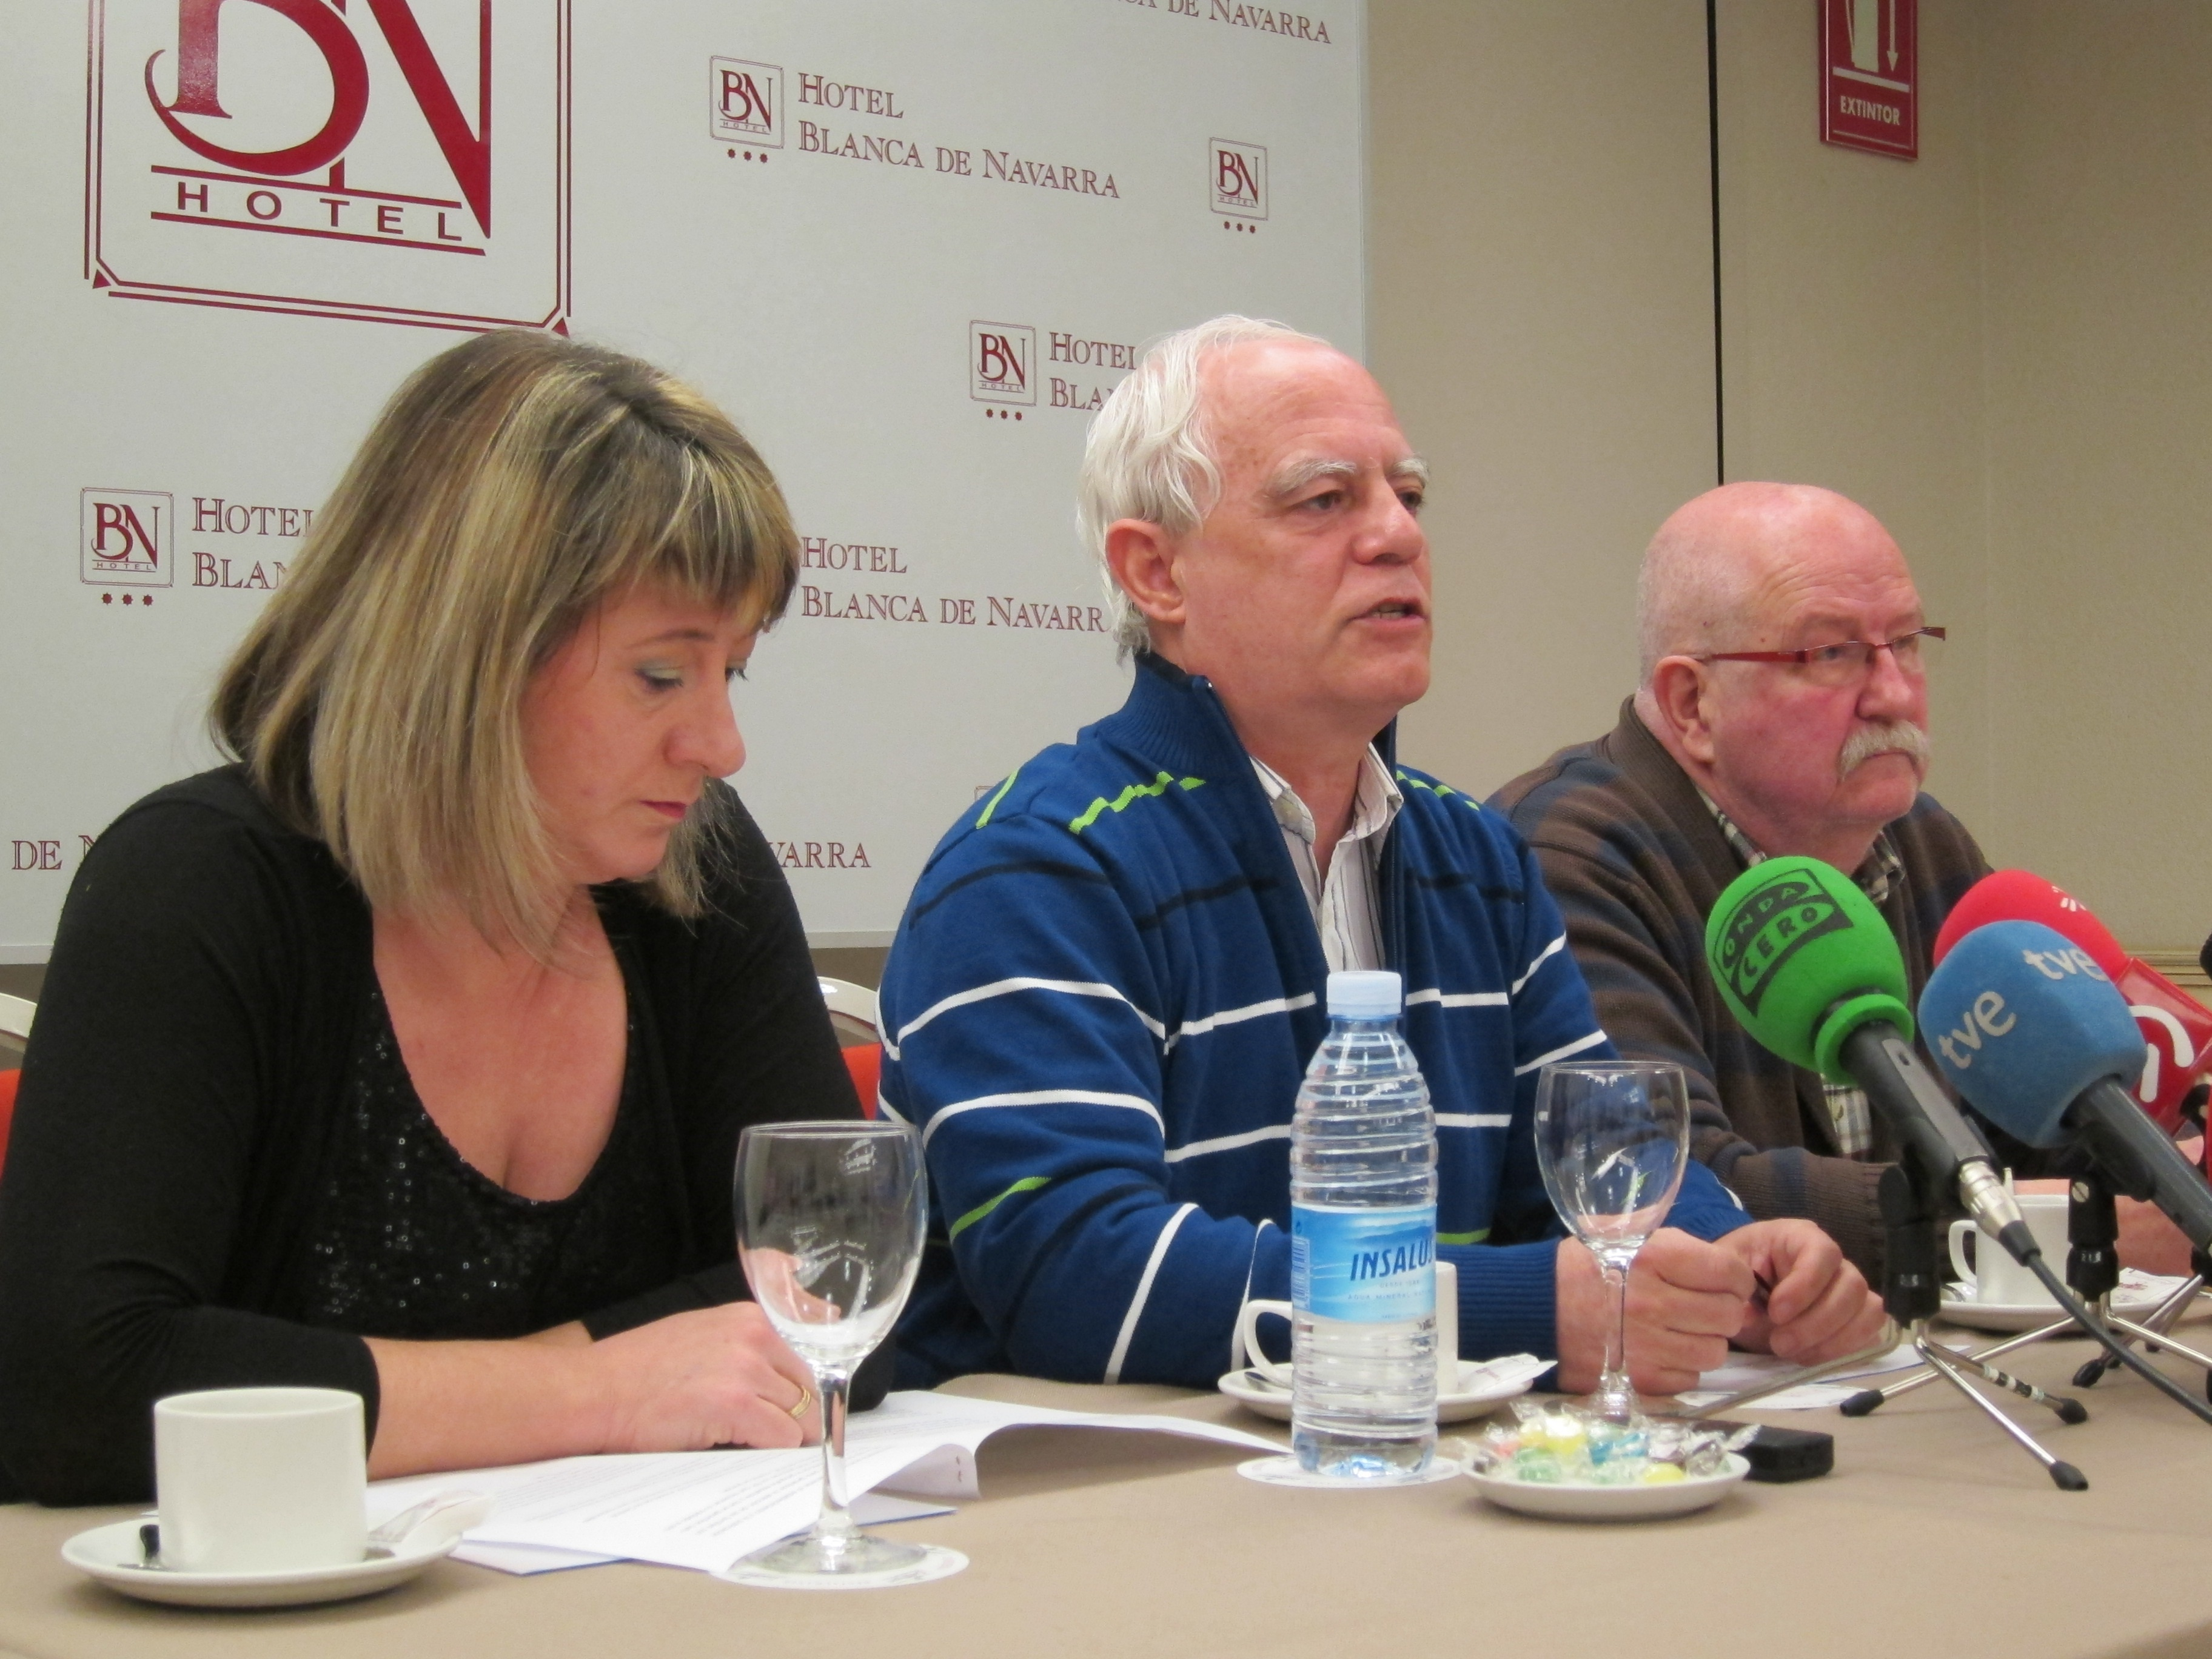 Las enfermedades raras afectan a unas 30.000 personas en Navarra, donde afectados piden «una atención real y efectiva»